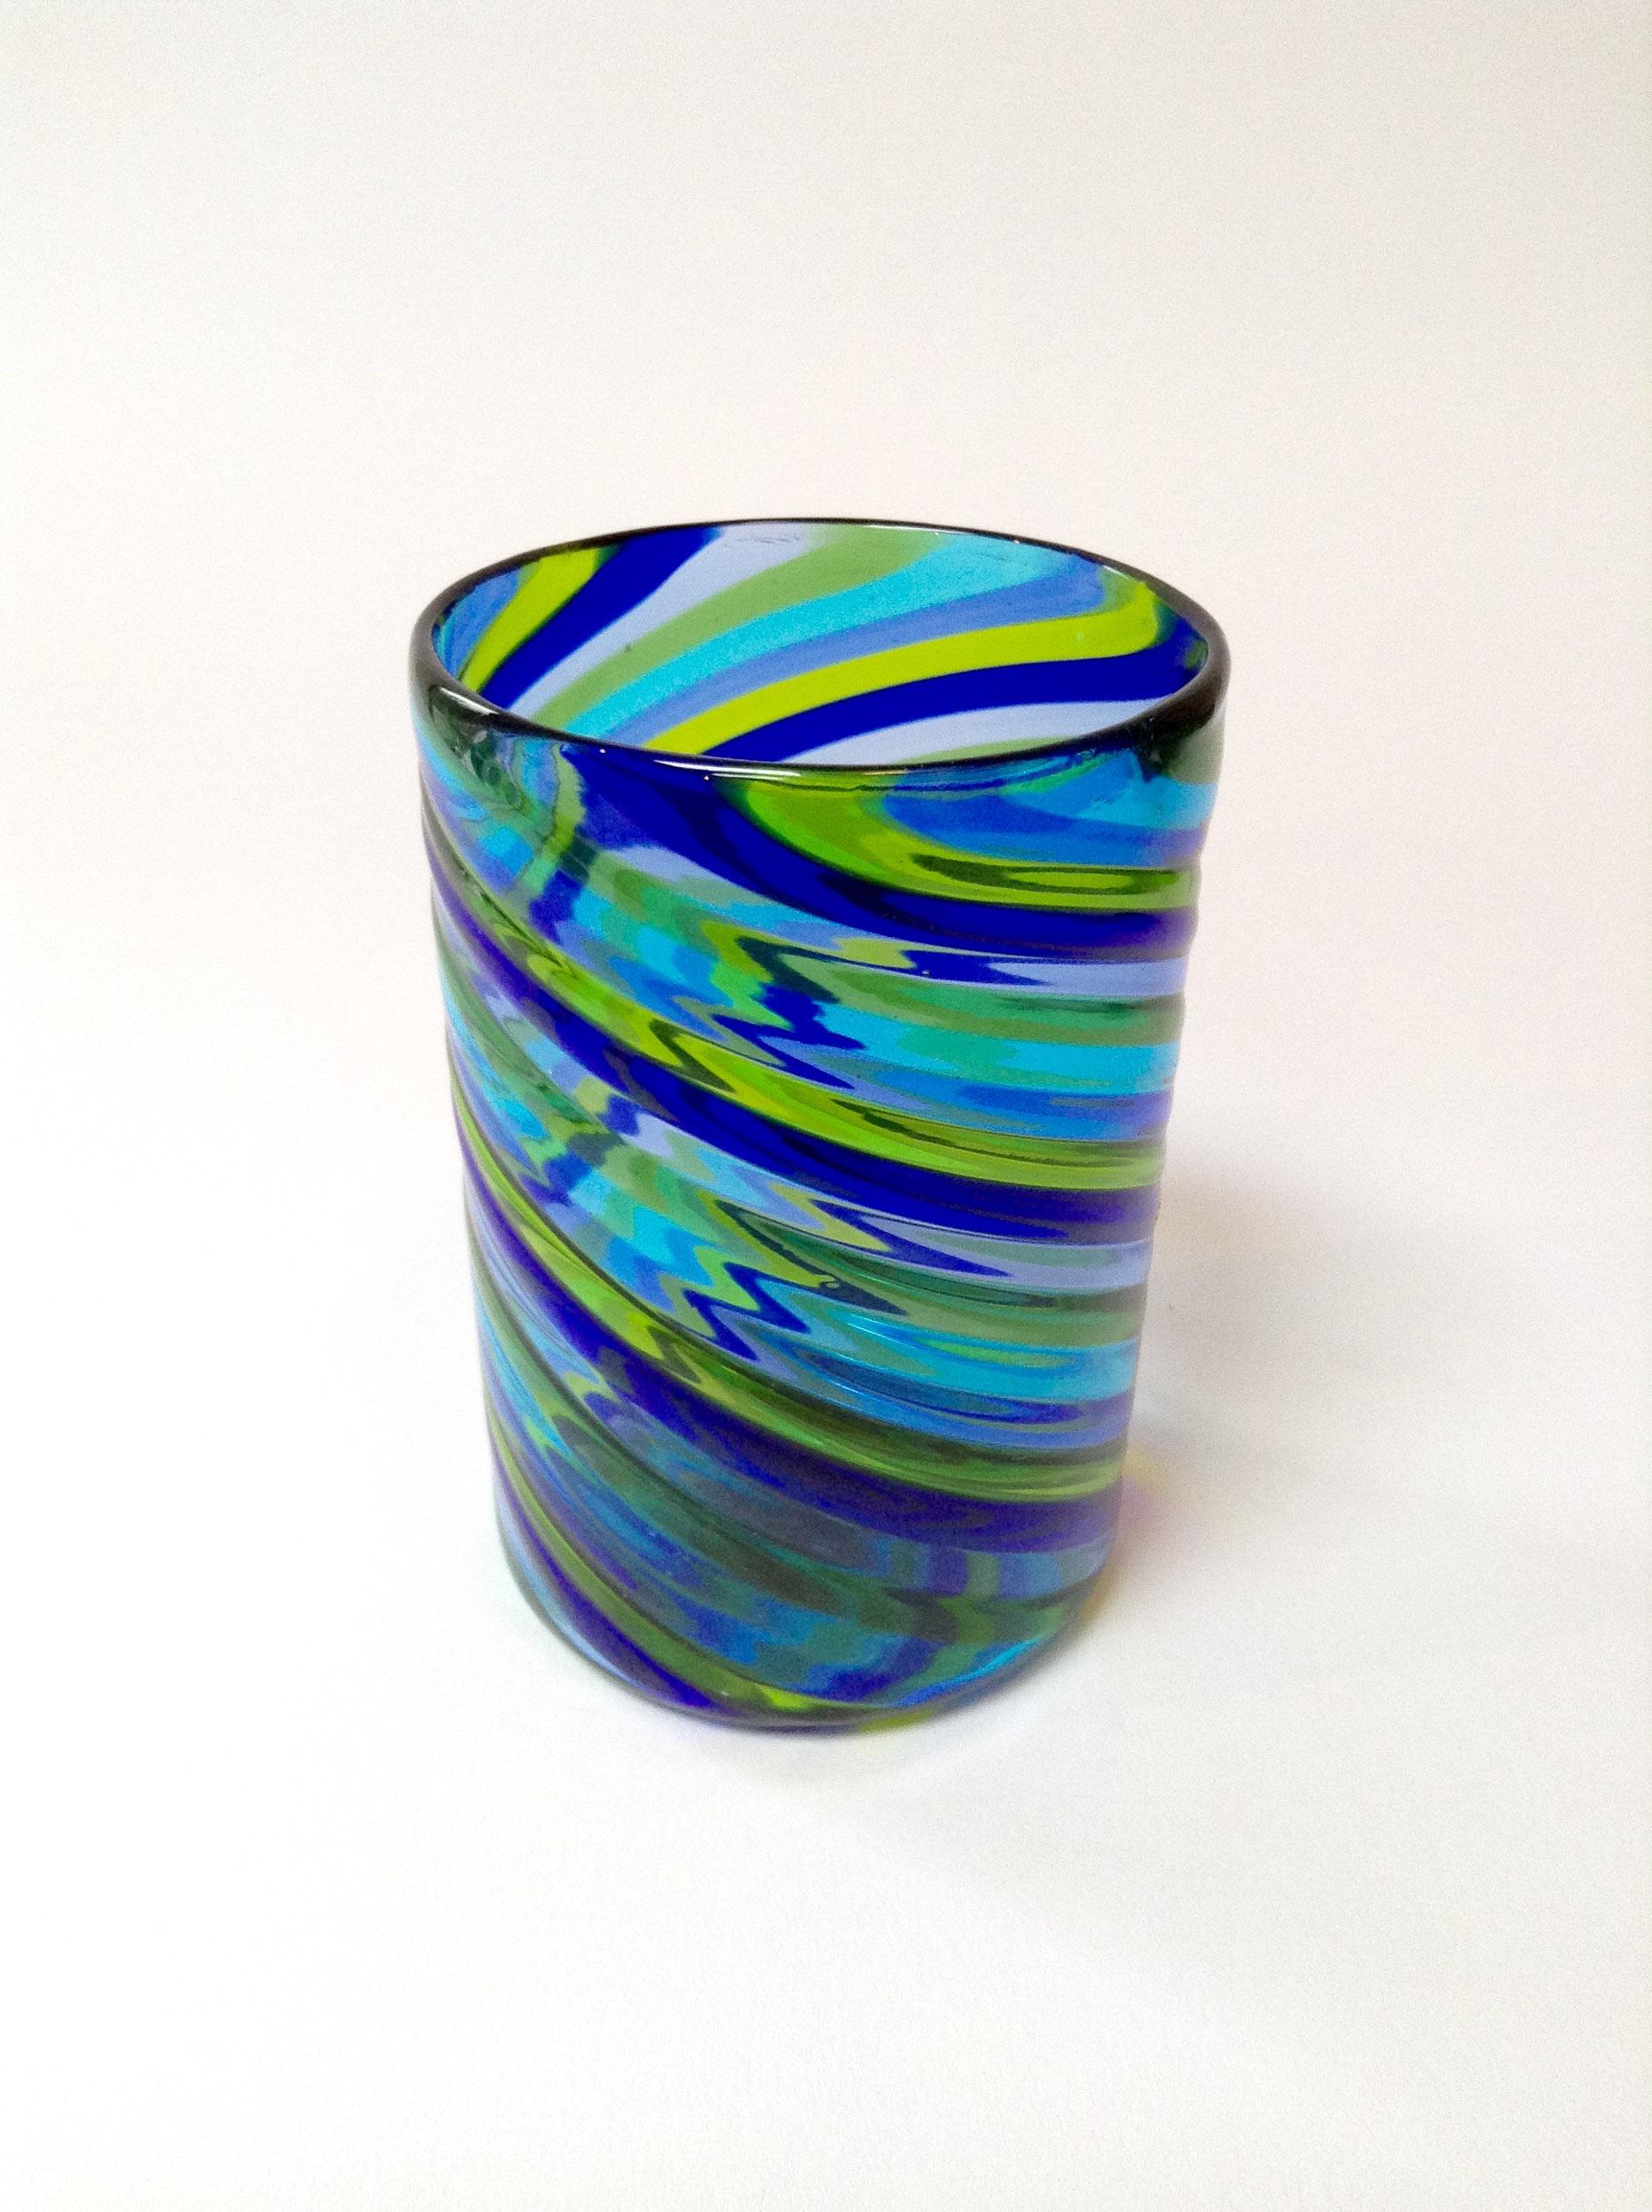 Olive-Glass_Italian-Art-Glass_Corrie-Haight_Lark-Dalton-20170326-5.jpg